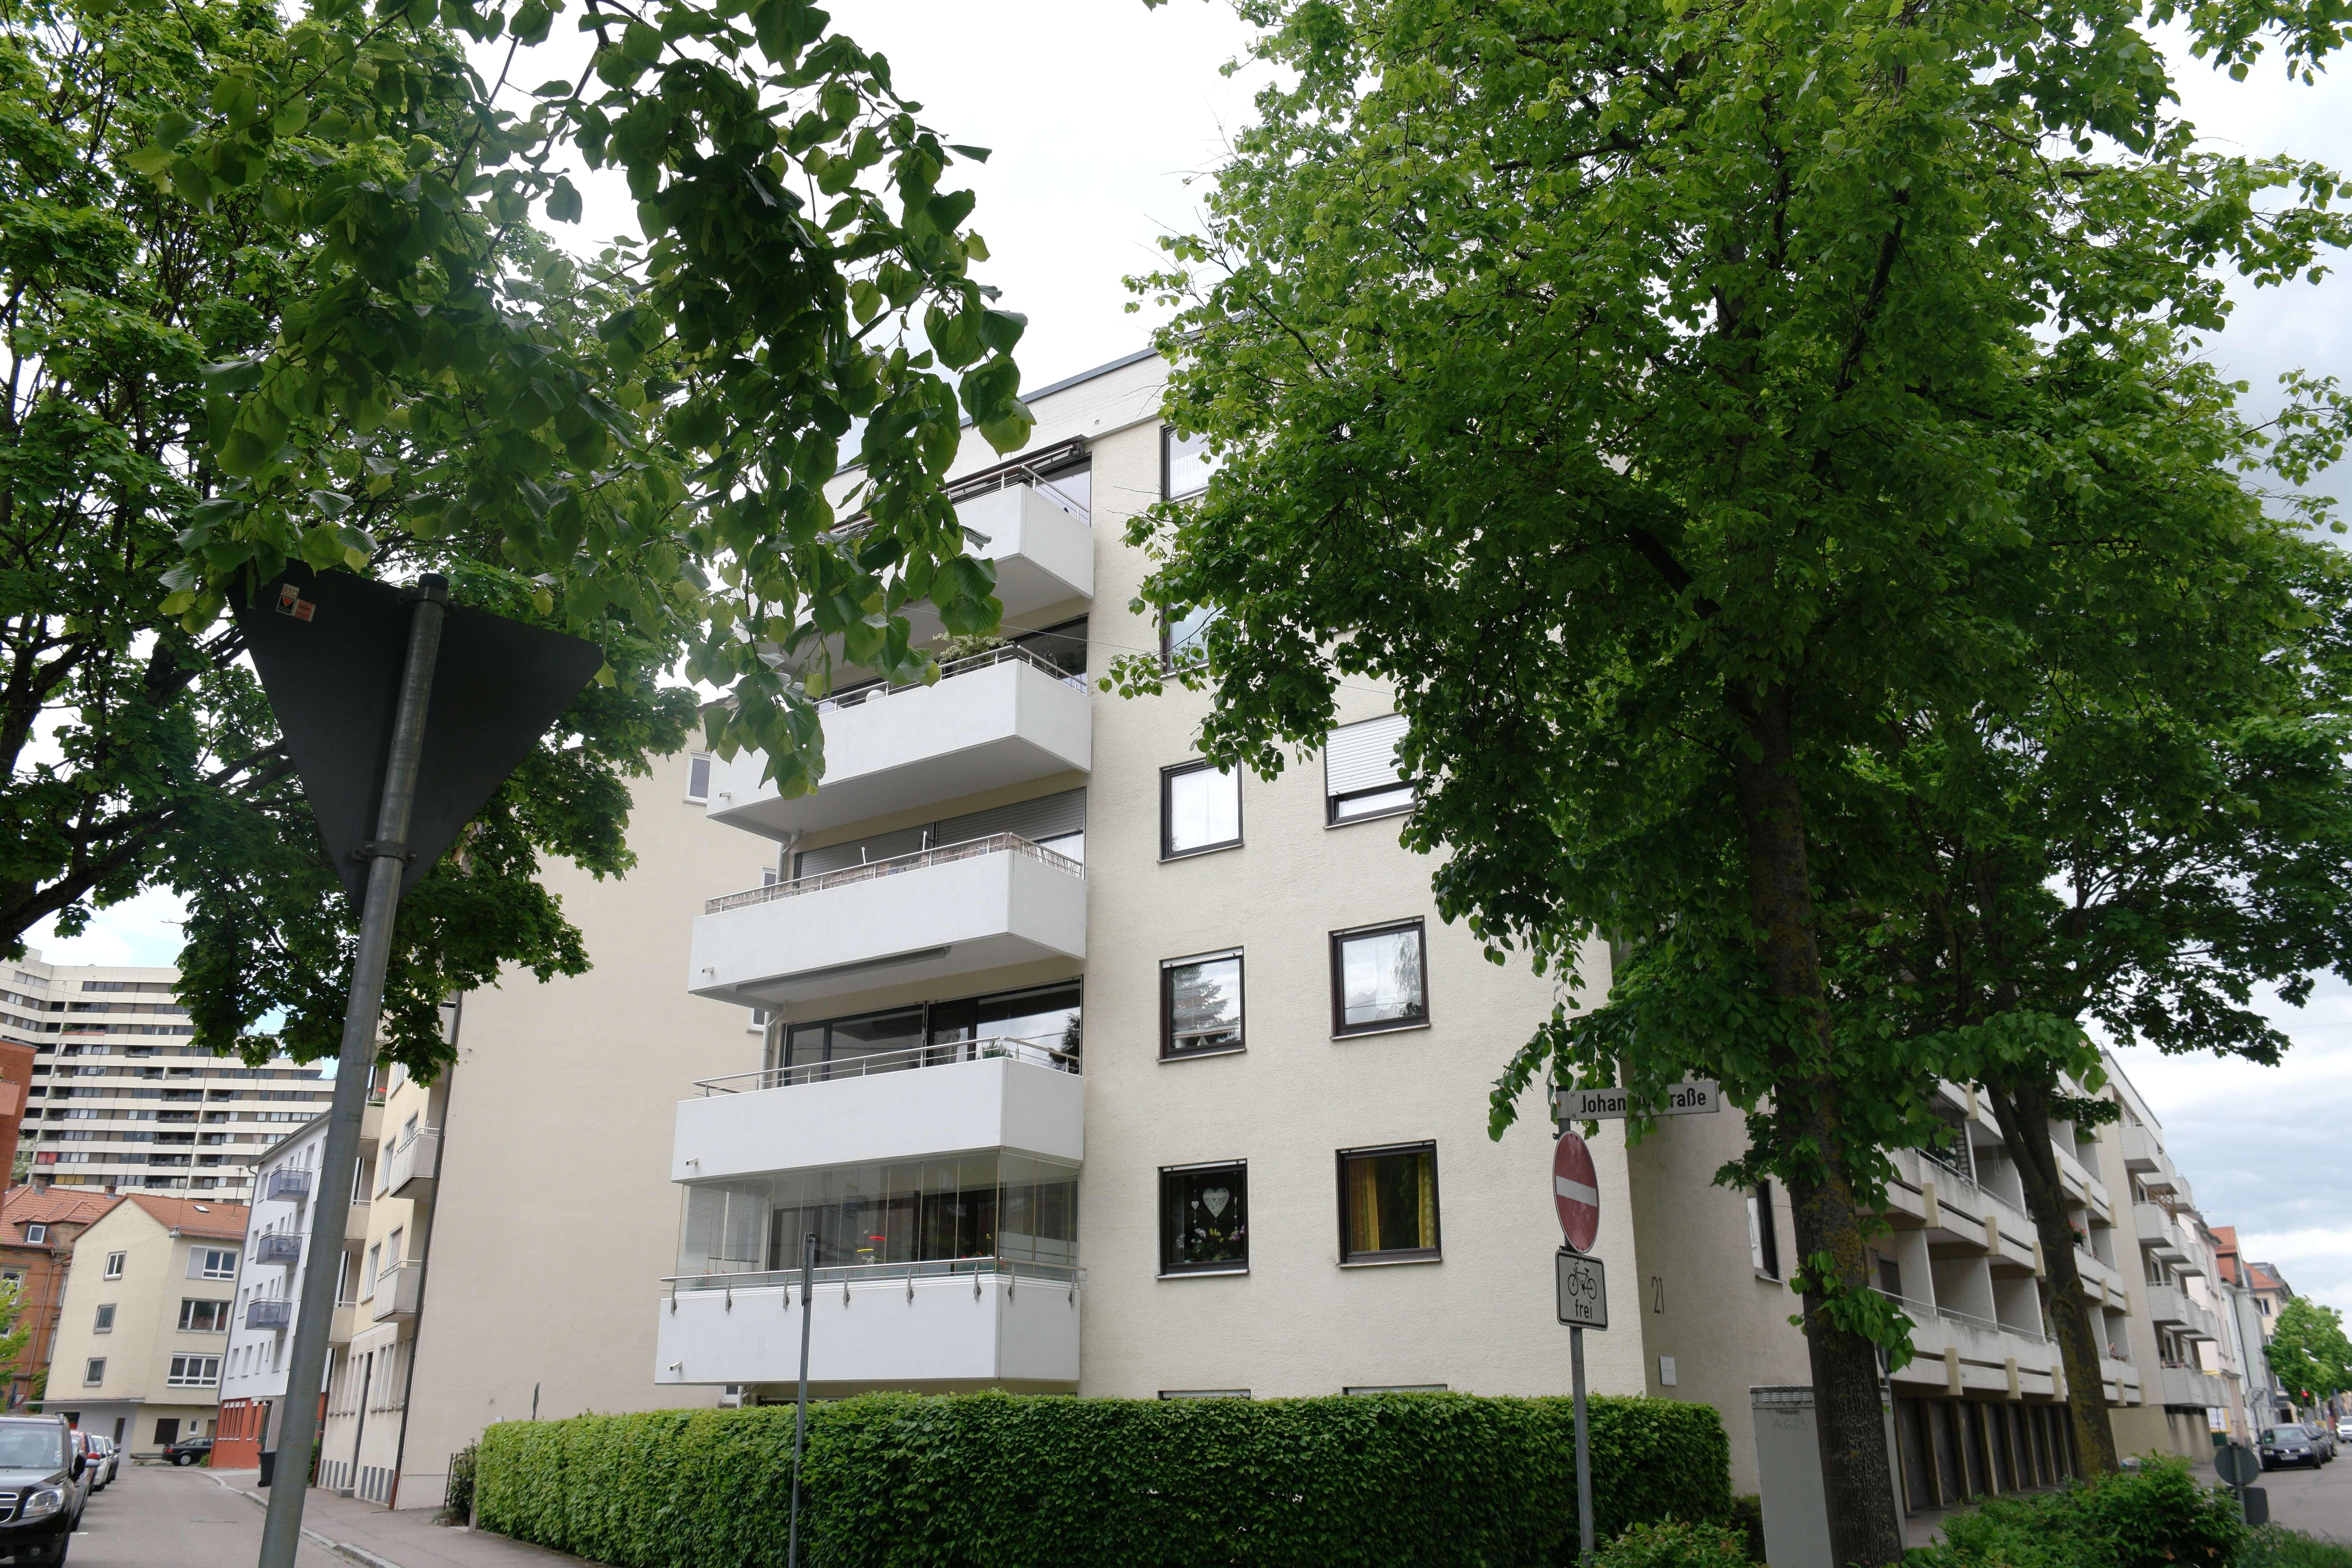 Gepflegte 4-Zimmer-Wohnung mit Balkon in Neu-Ulm